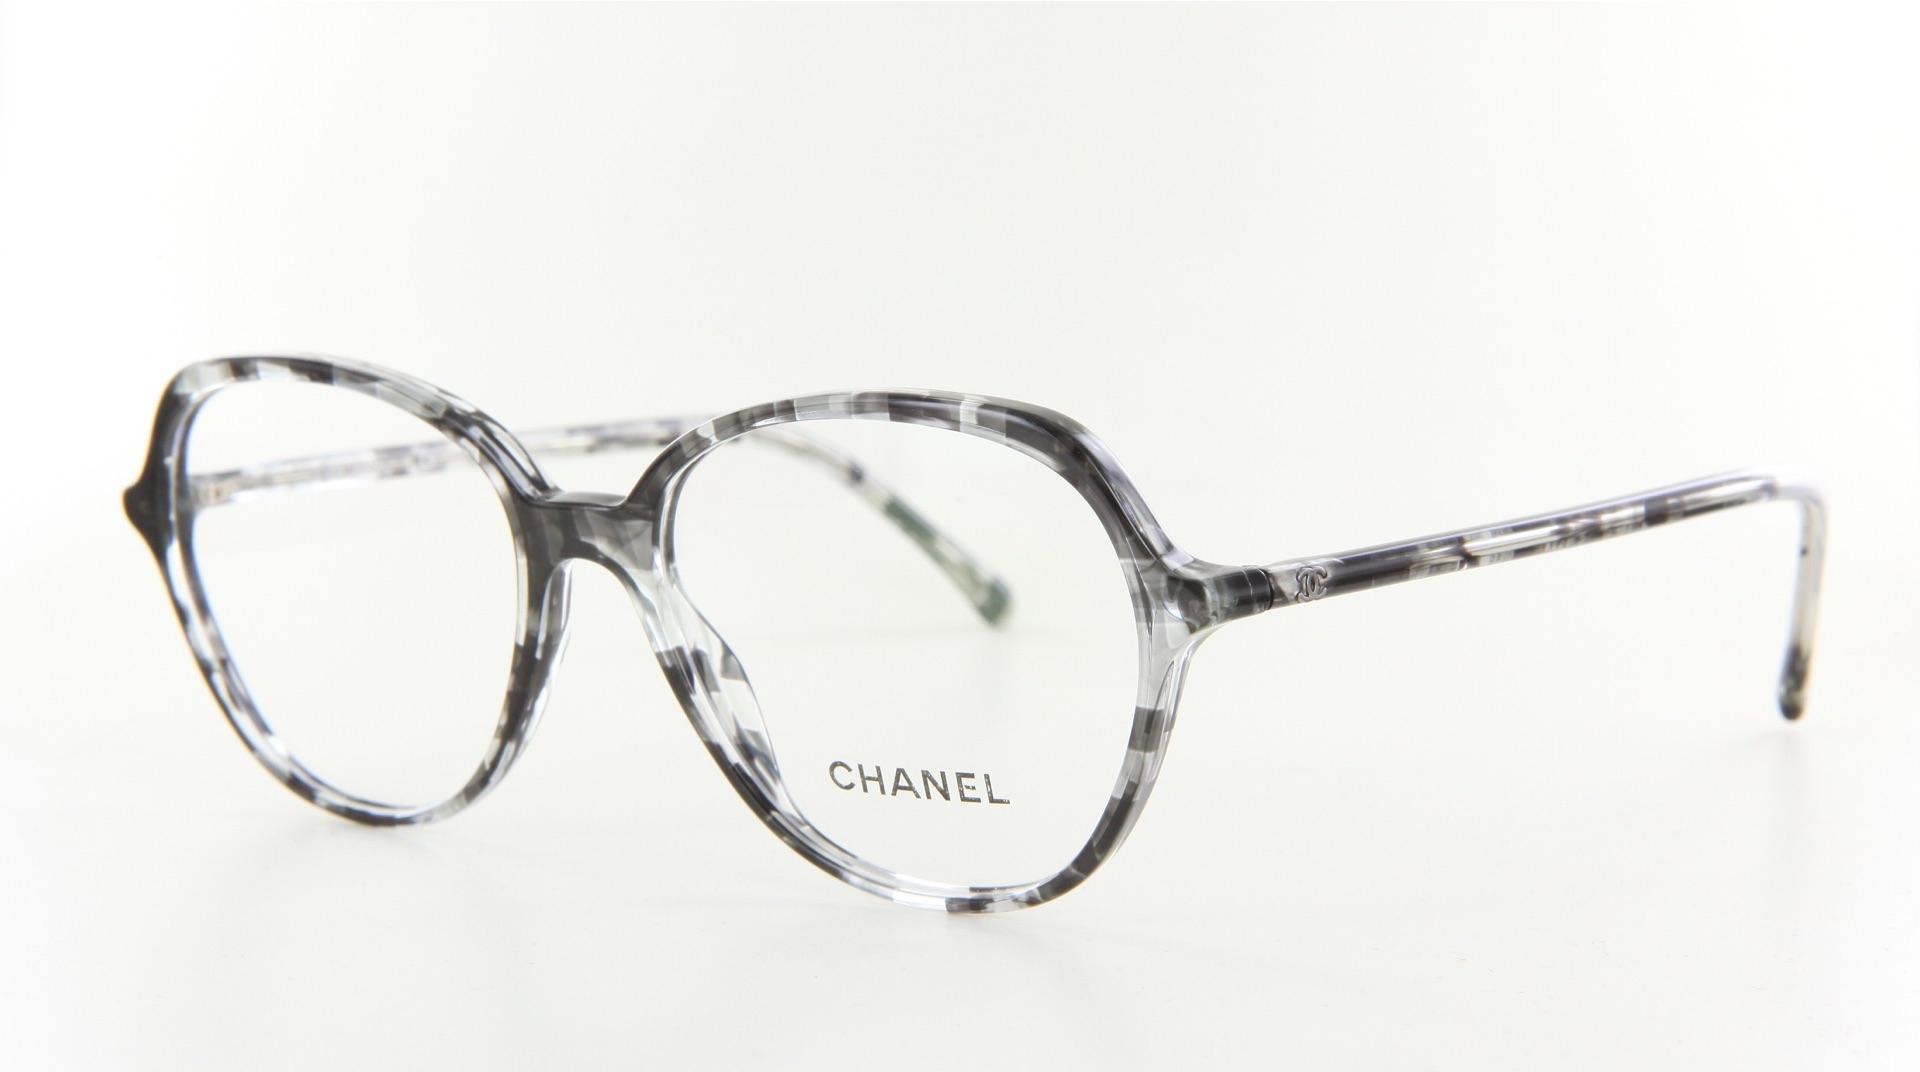 Chanel - ref: 74832